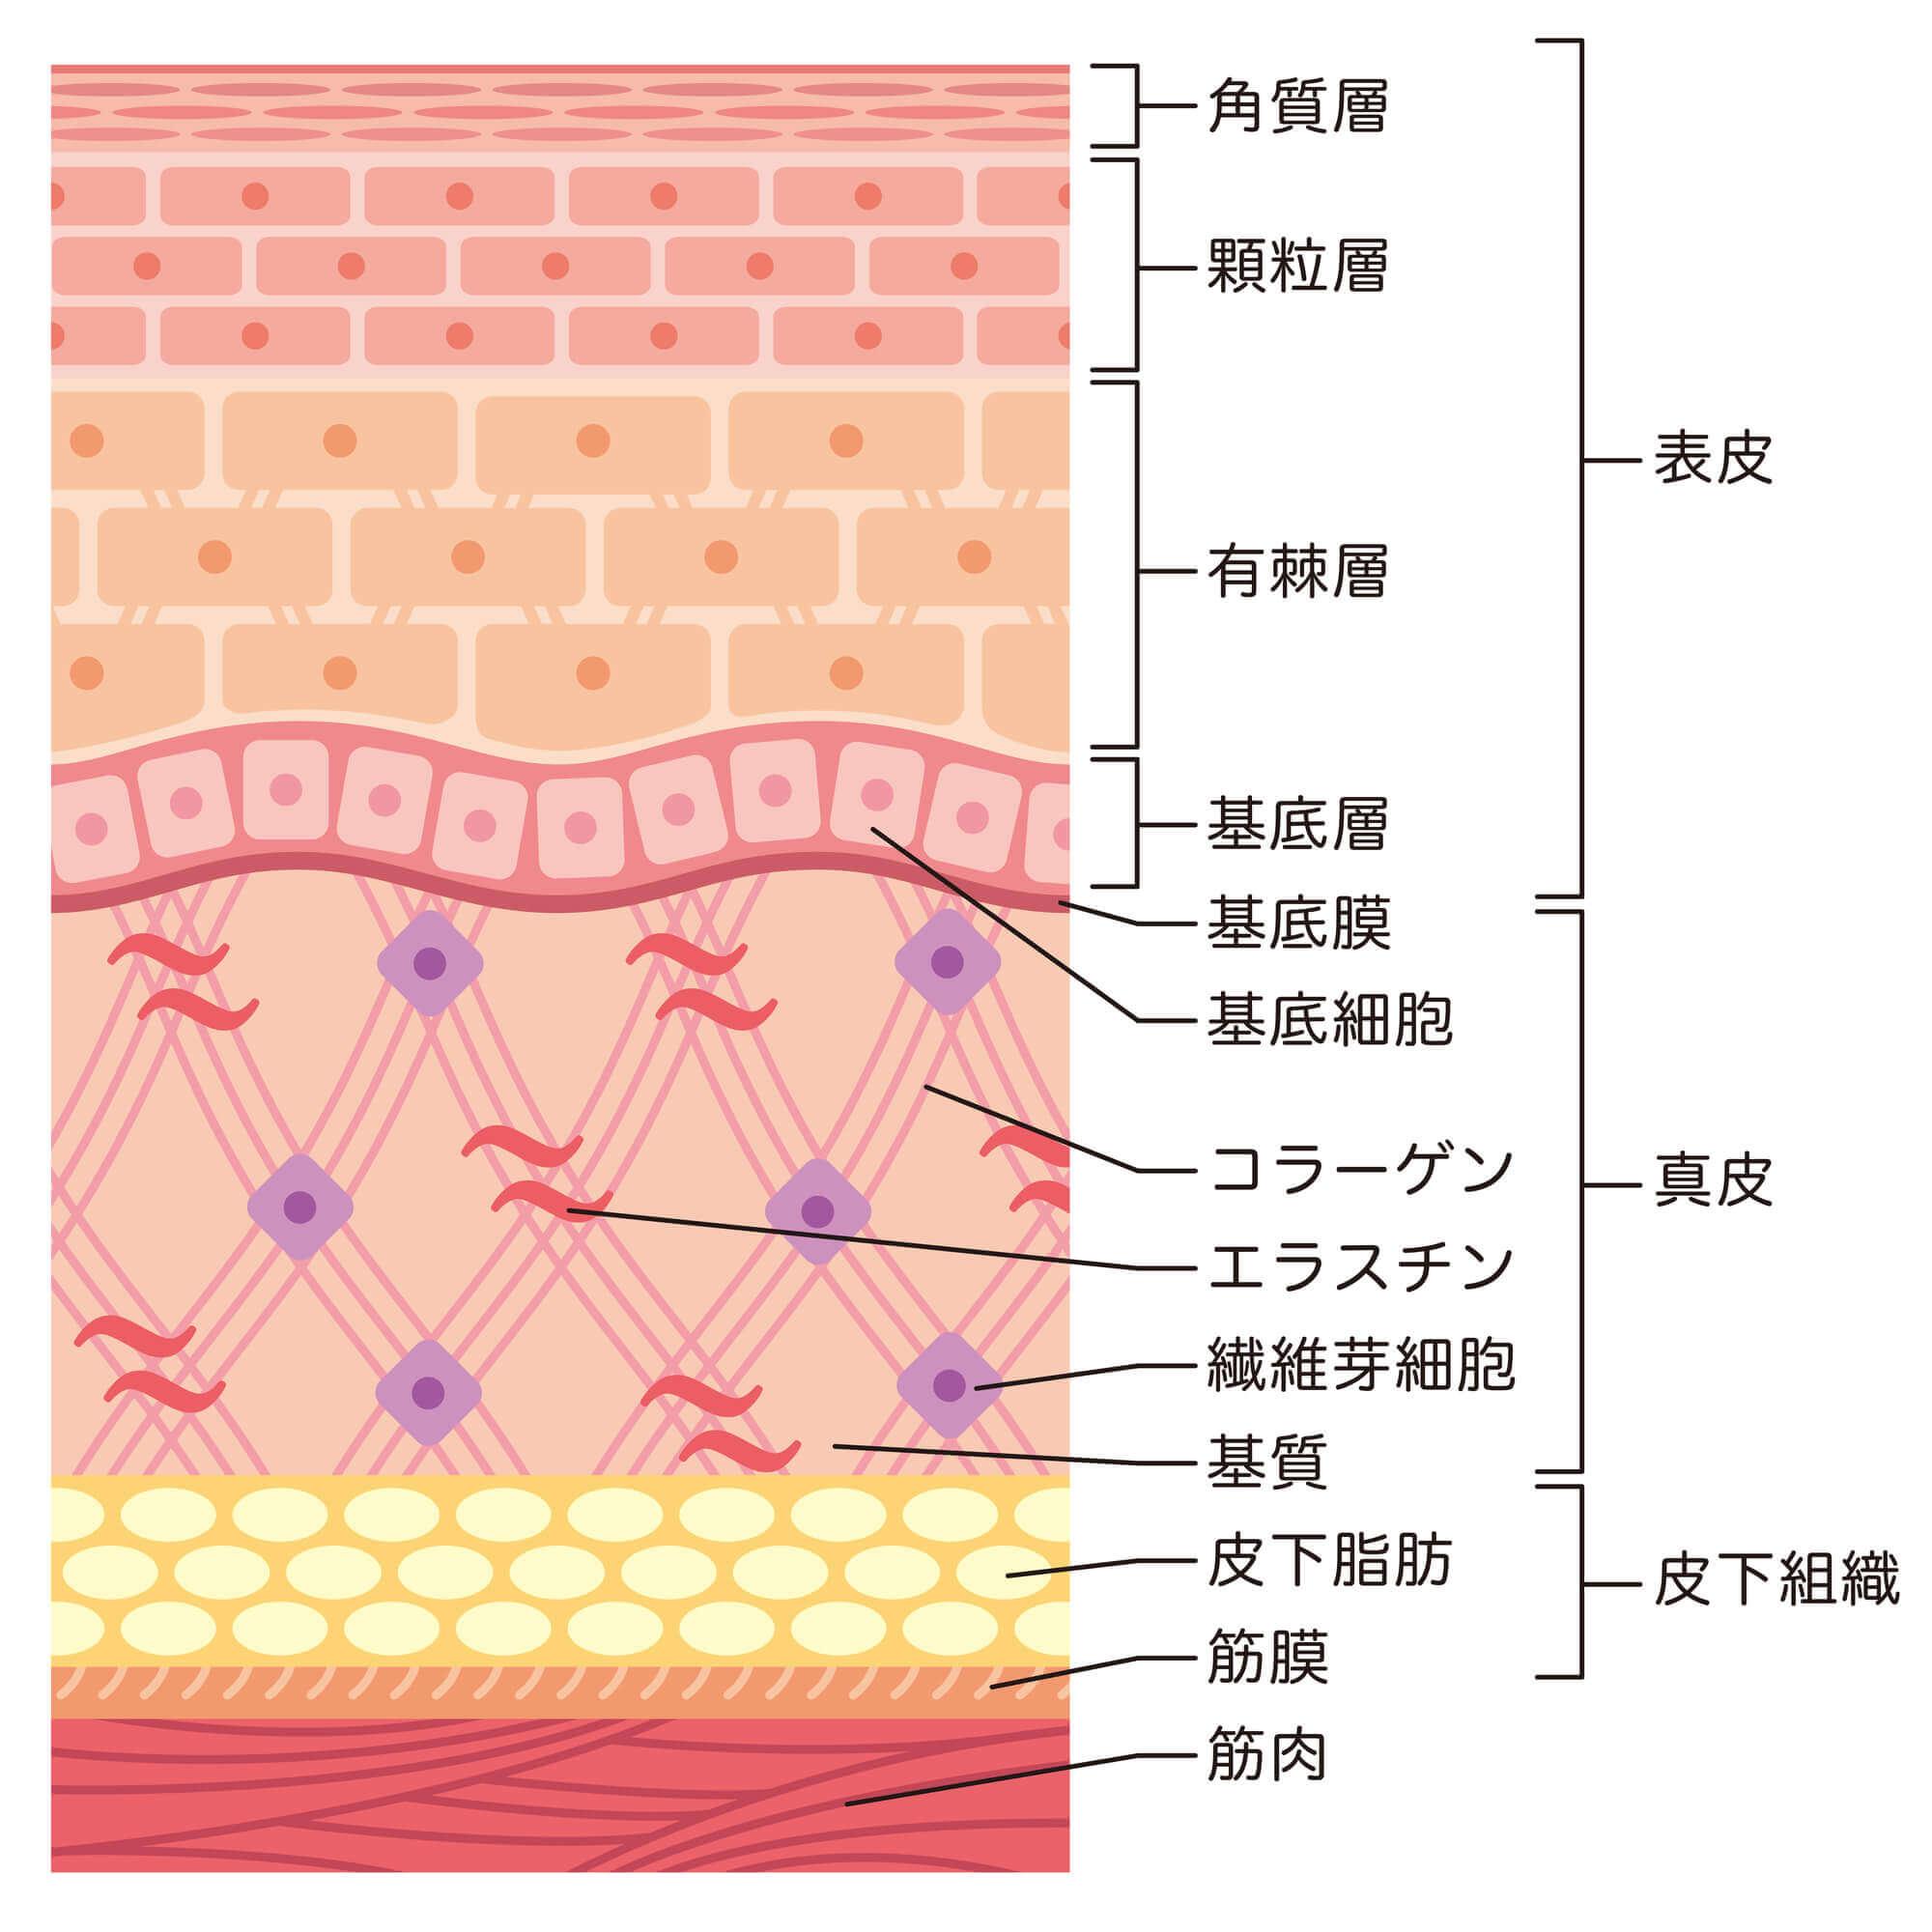 皮膚組織の説明